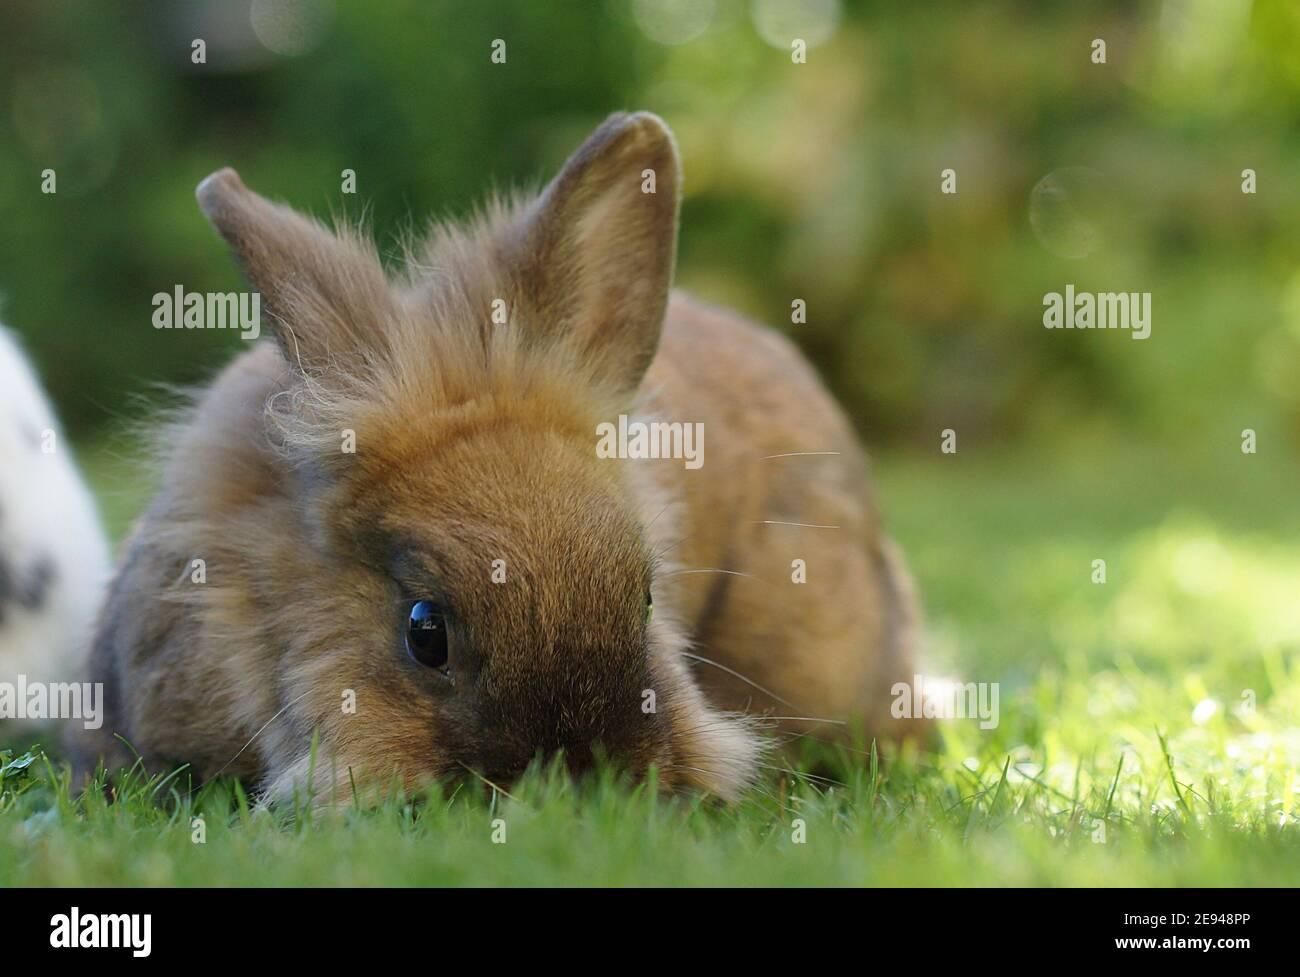 lapin nain de lionhead brun moelleux sur herbe fourmilleuse Banque D'Images